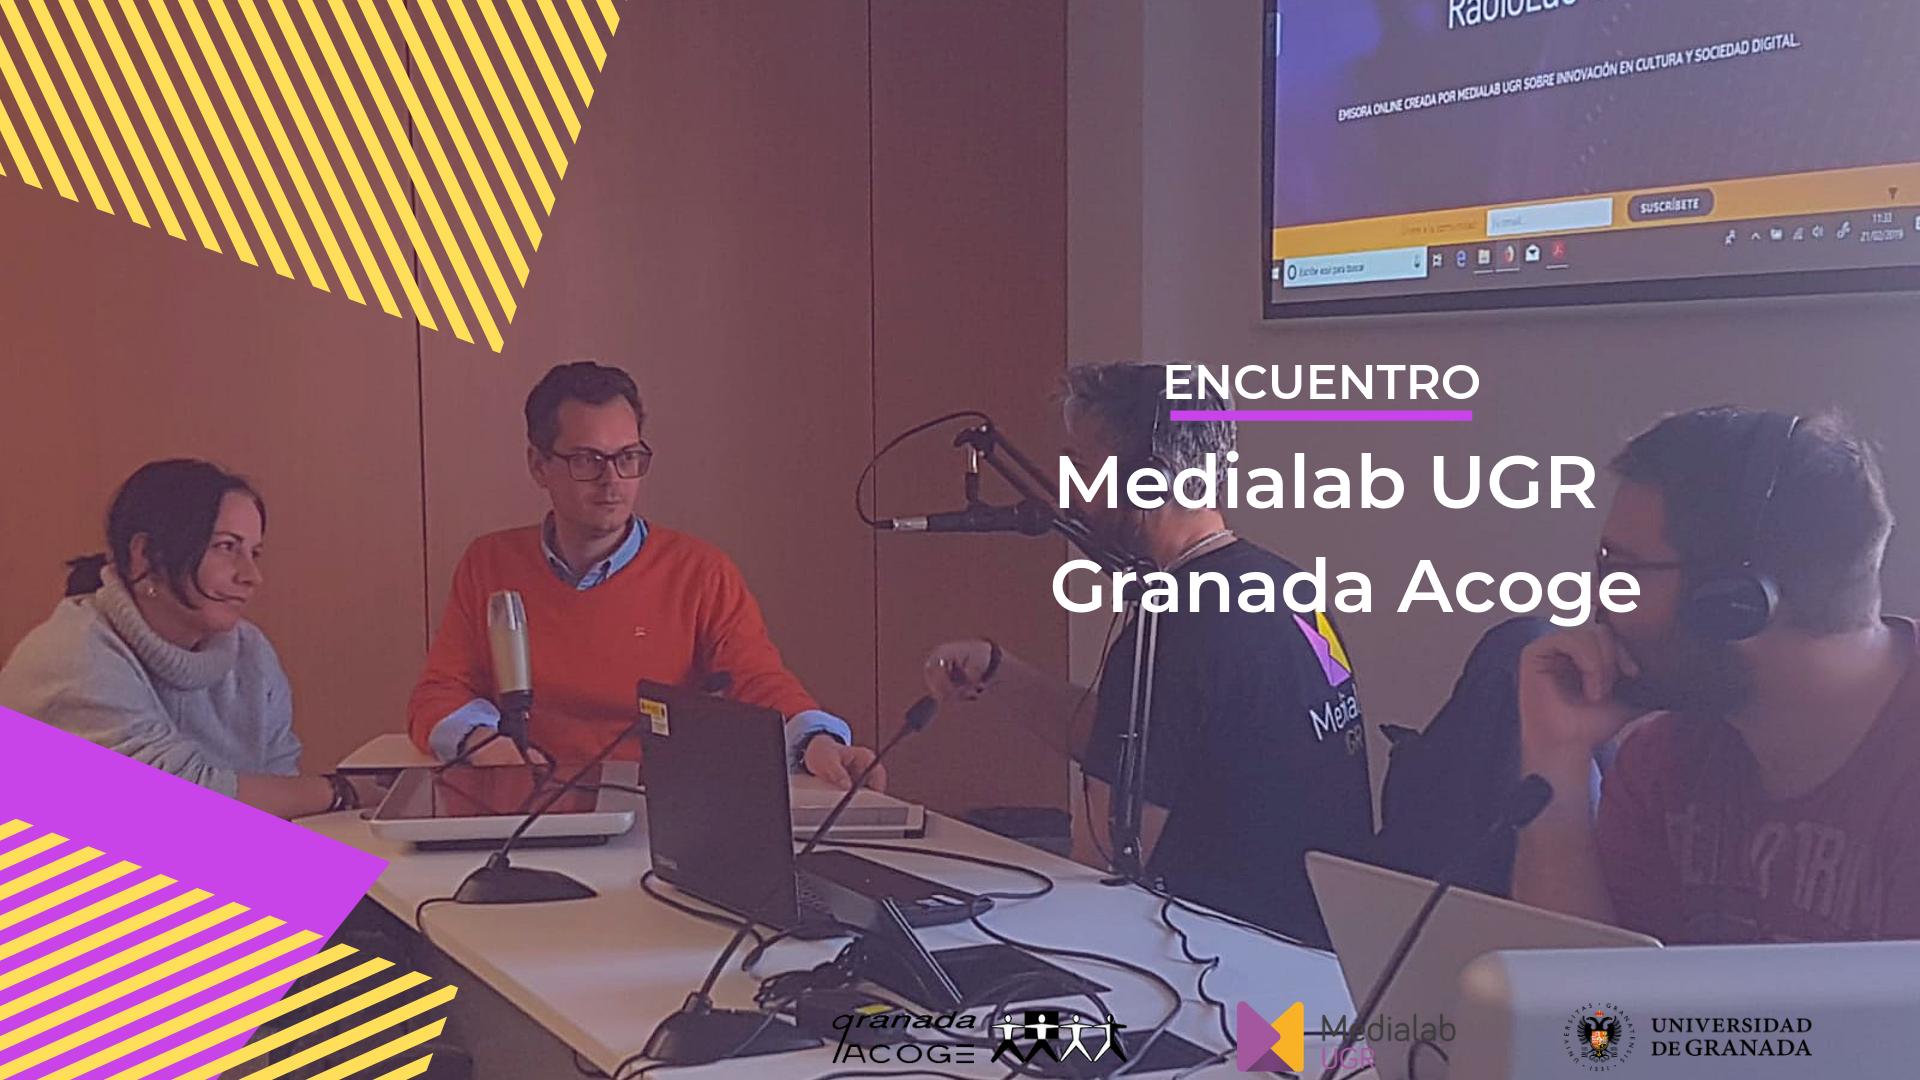 Crónica del Encuentro Medialab UGR – Granada Acoge